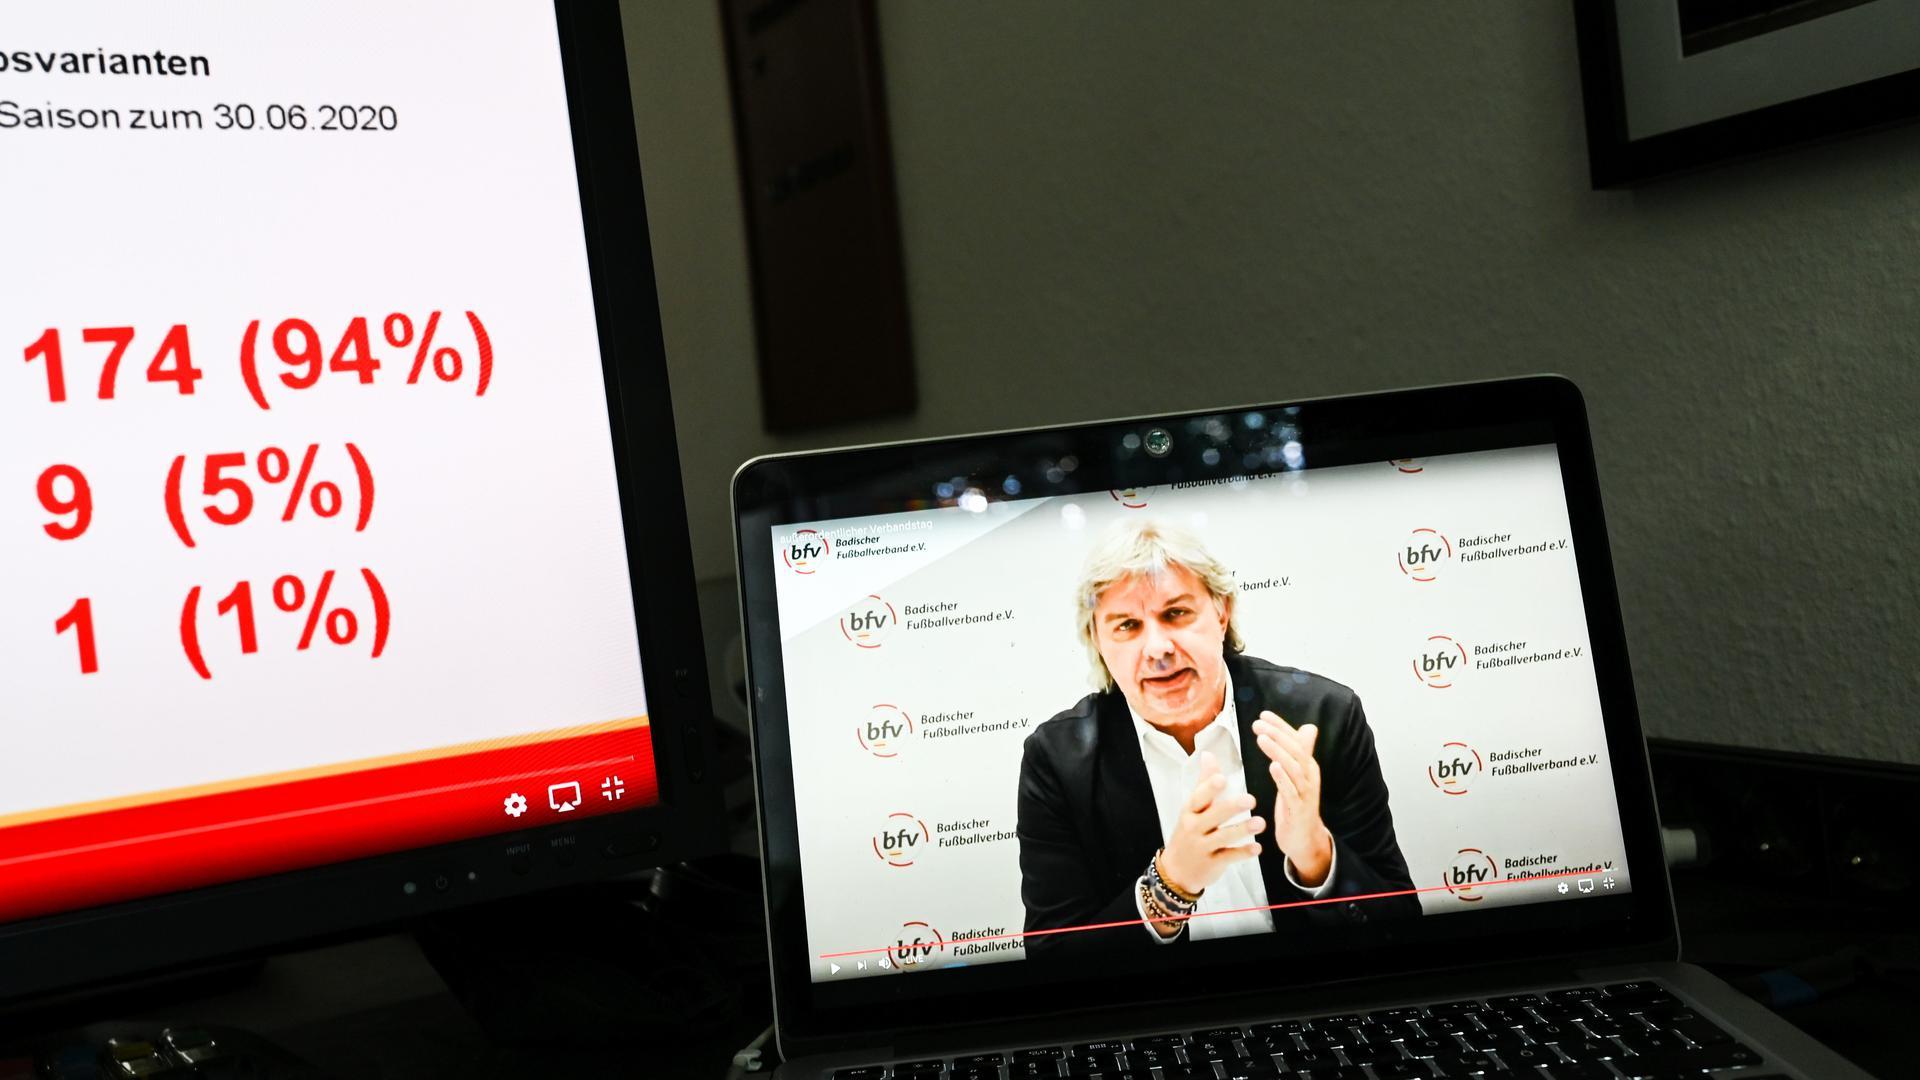 Praesident Ronny Zimmermann (BFV) auf einem Bildschirm neben dem Ergebnis zur Beendigung der Saison. GES/ Fussball/ Virtueller Verbandstag Badischer Fussballverband, 20.06.2020